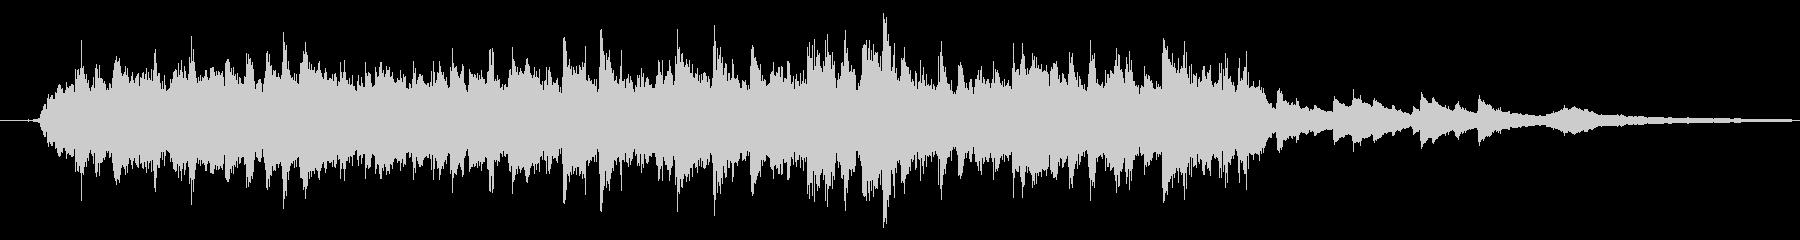 クリスマス・明るいオーケストラ30秒の未再生の波形